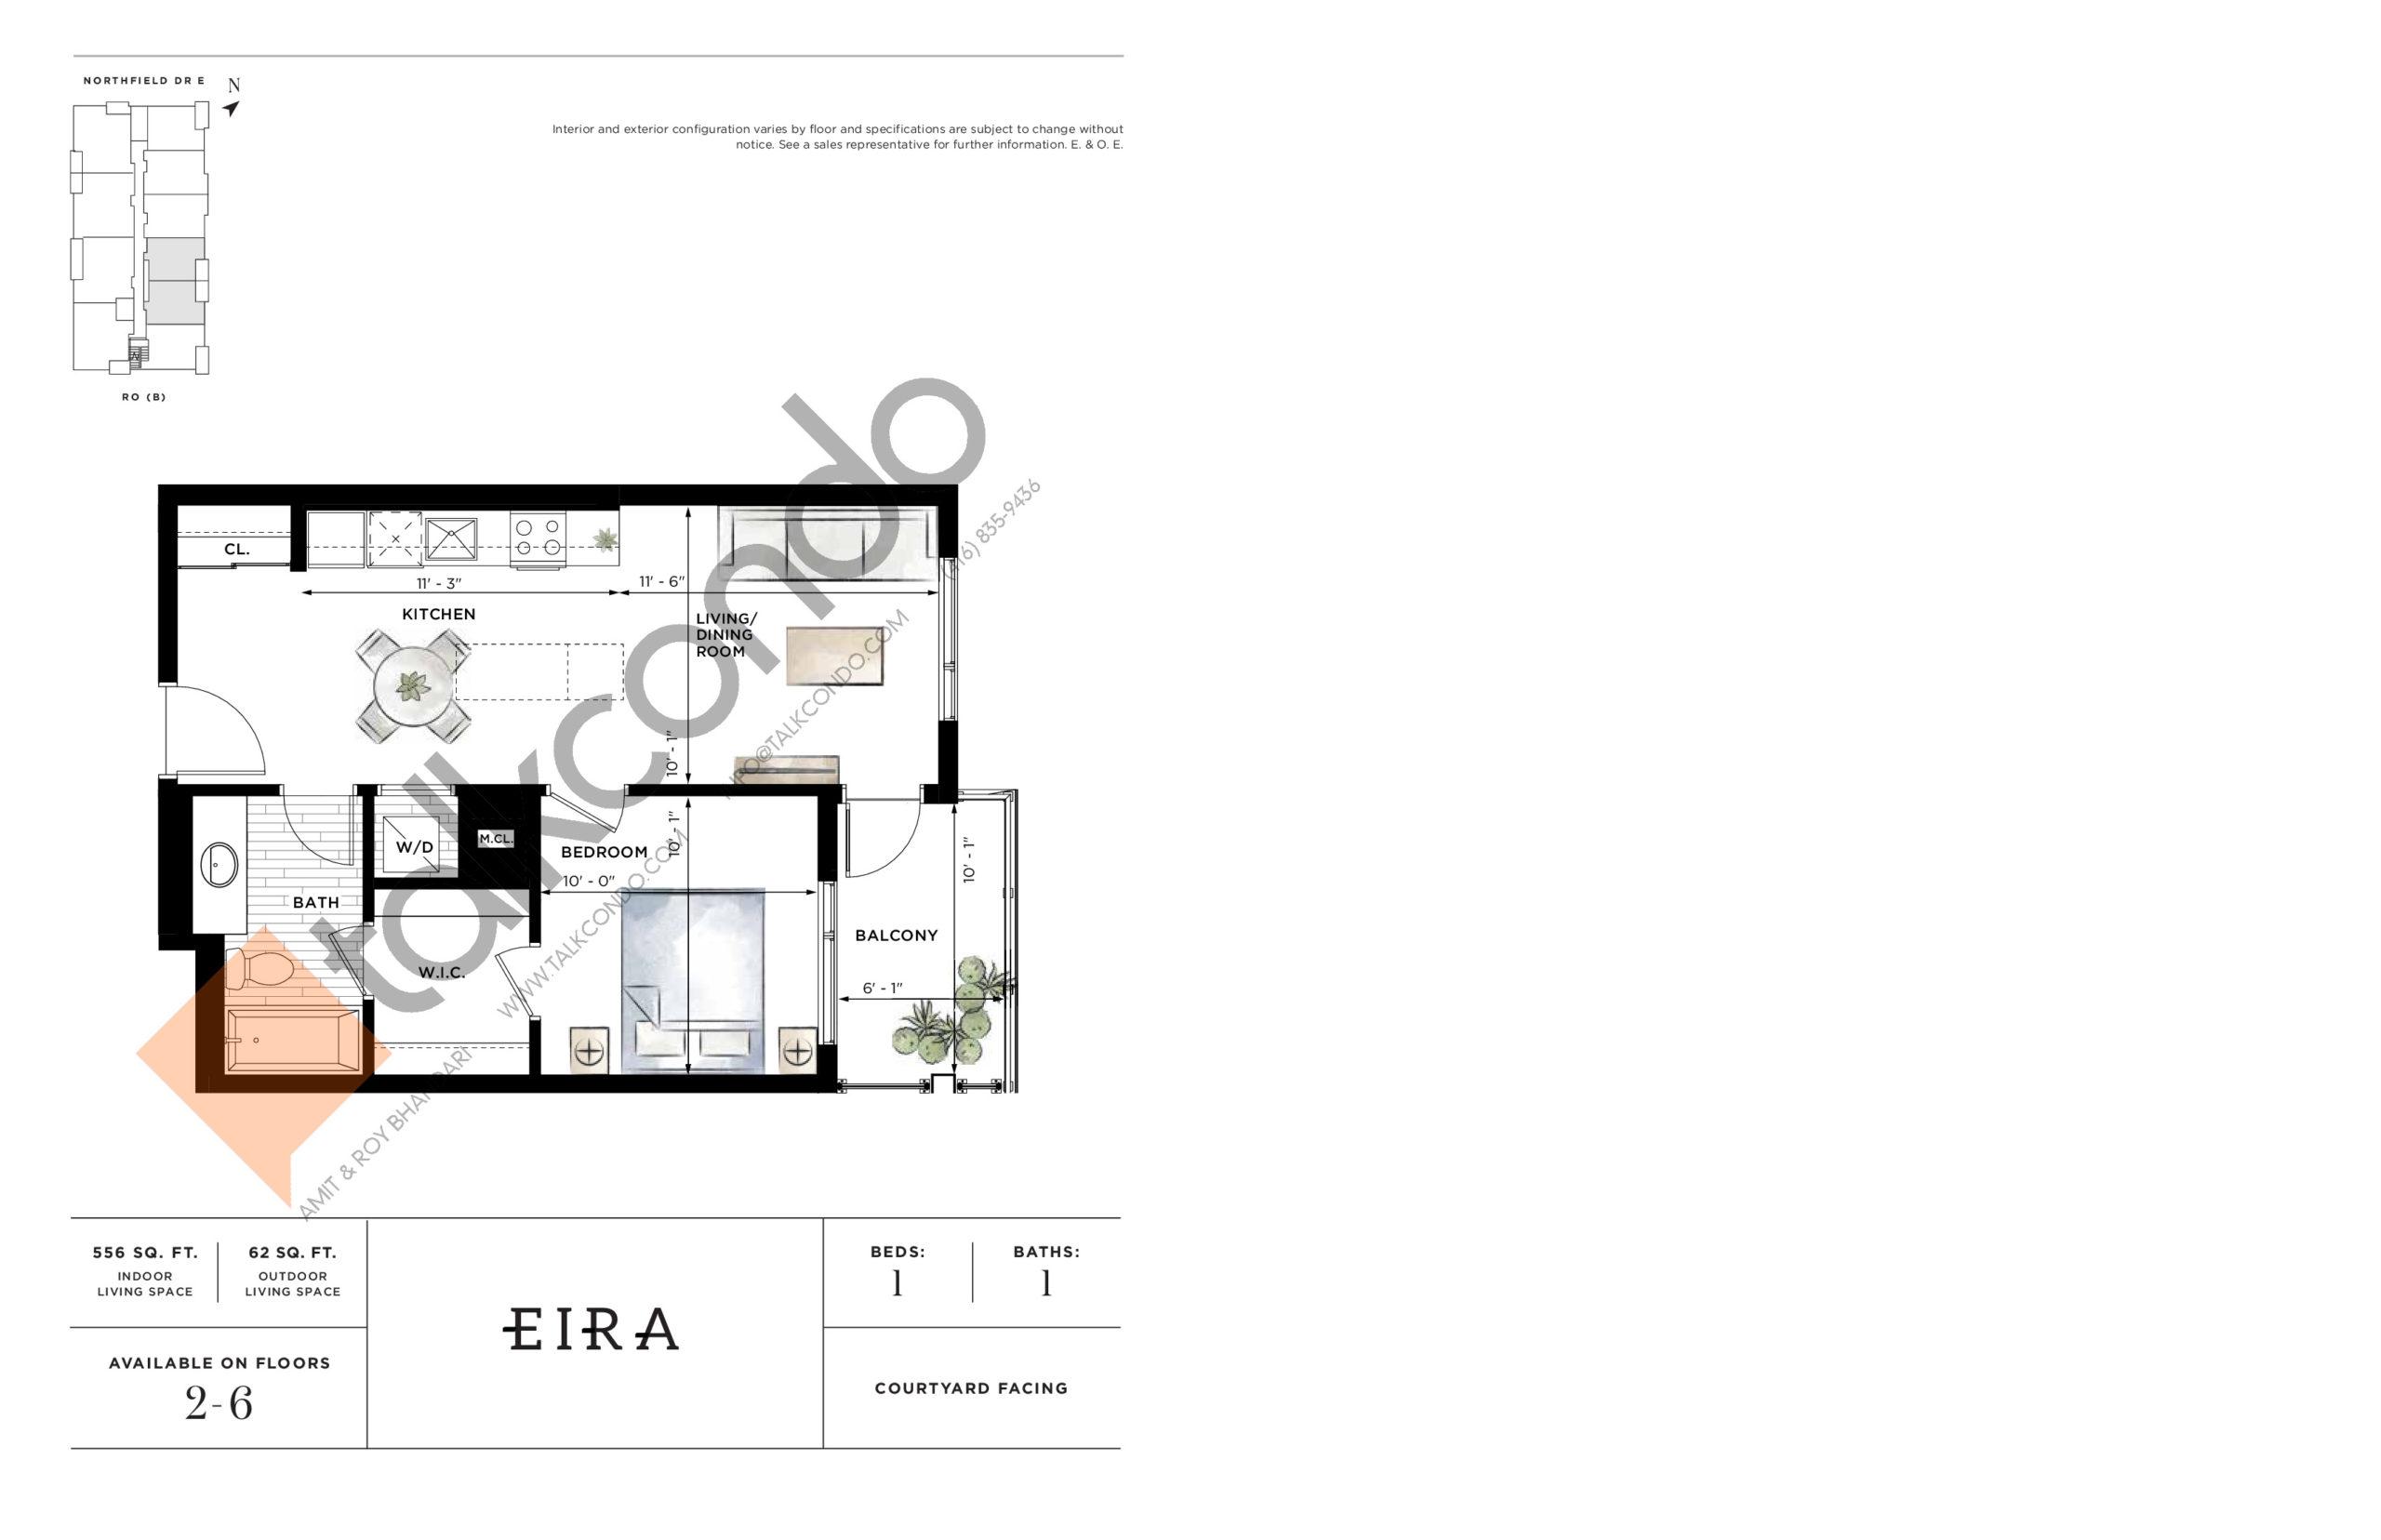 Eira Floor Plan at Ro at Blackstone Condos - 556 sq.ft